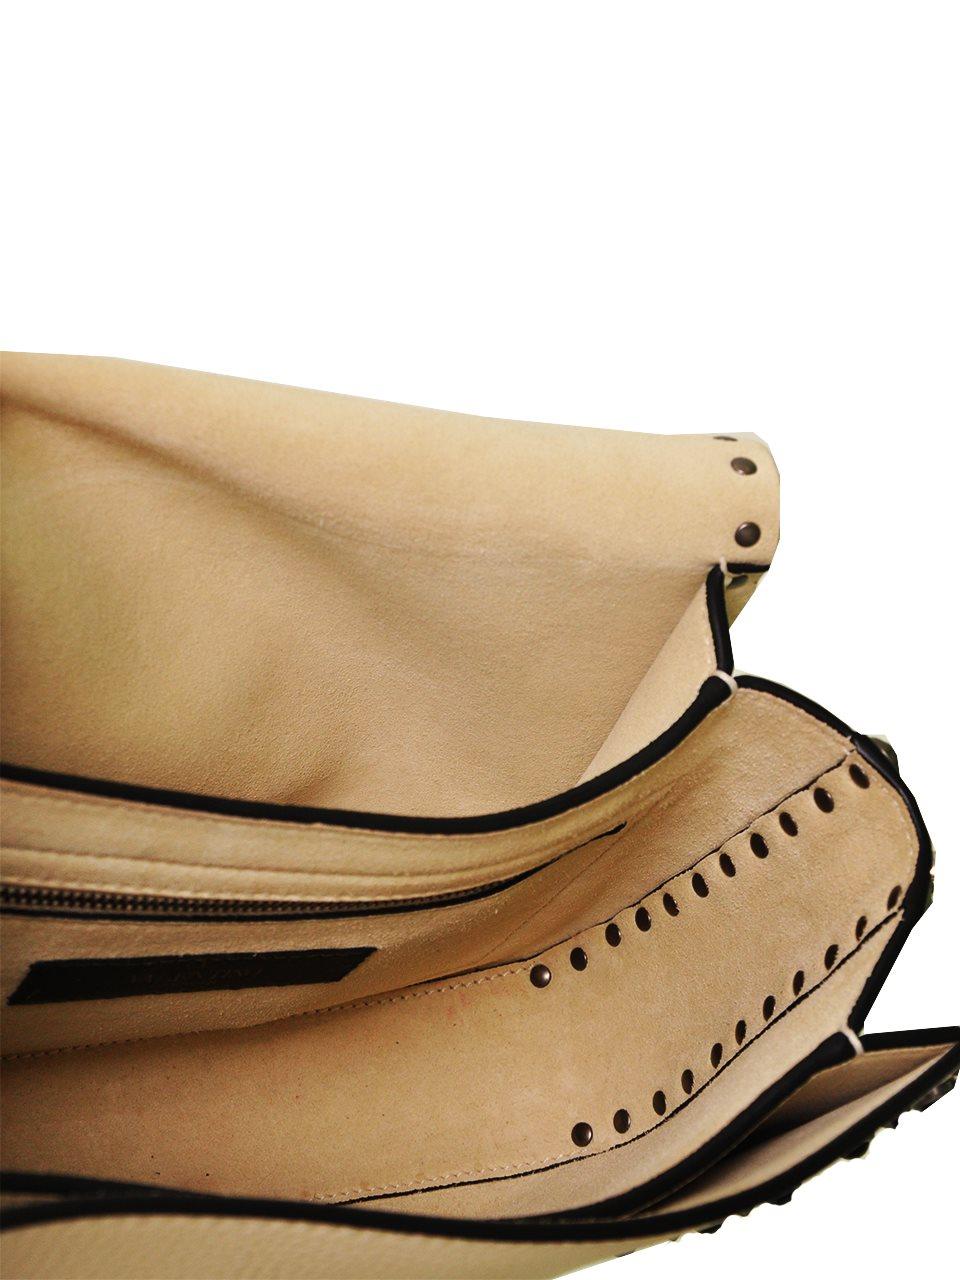 Valentino - Rockstud Butterfly Strap Leather Shoulder Bag - Image 6 of 6